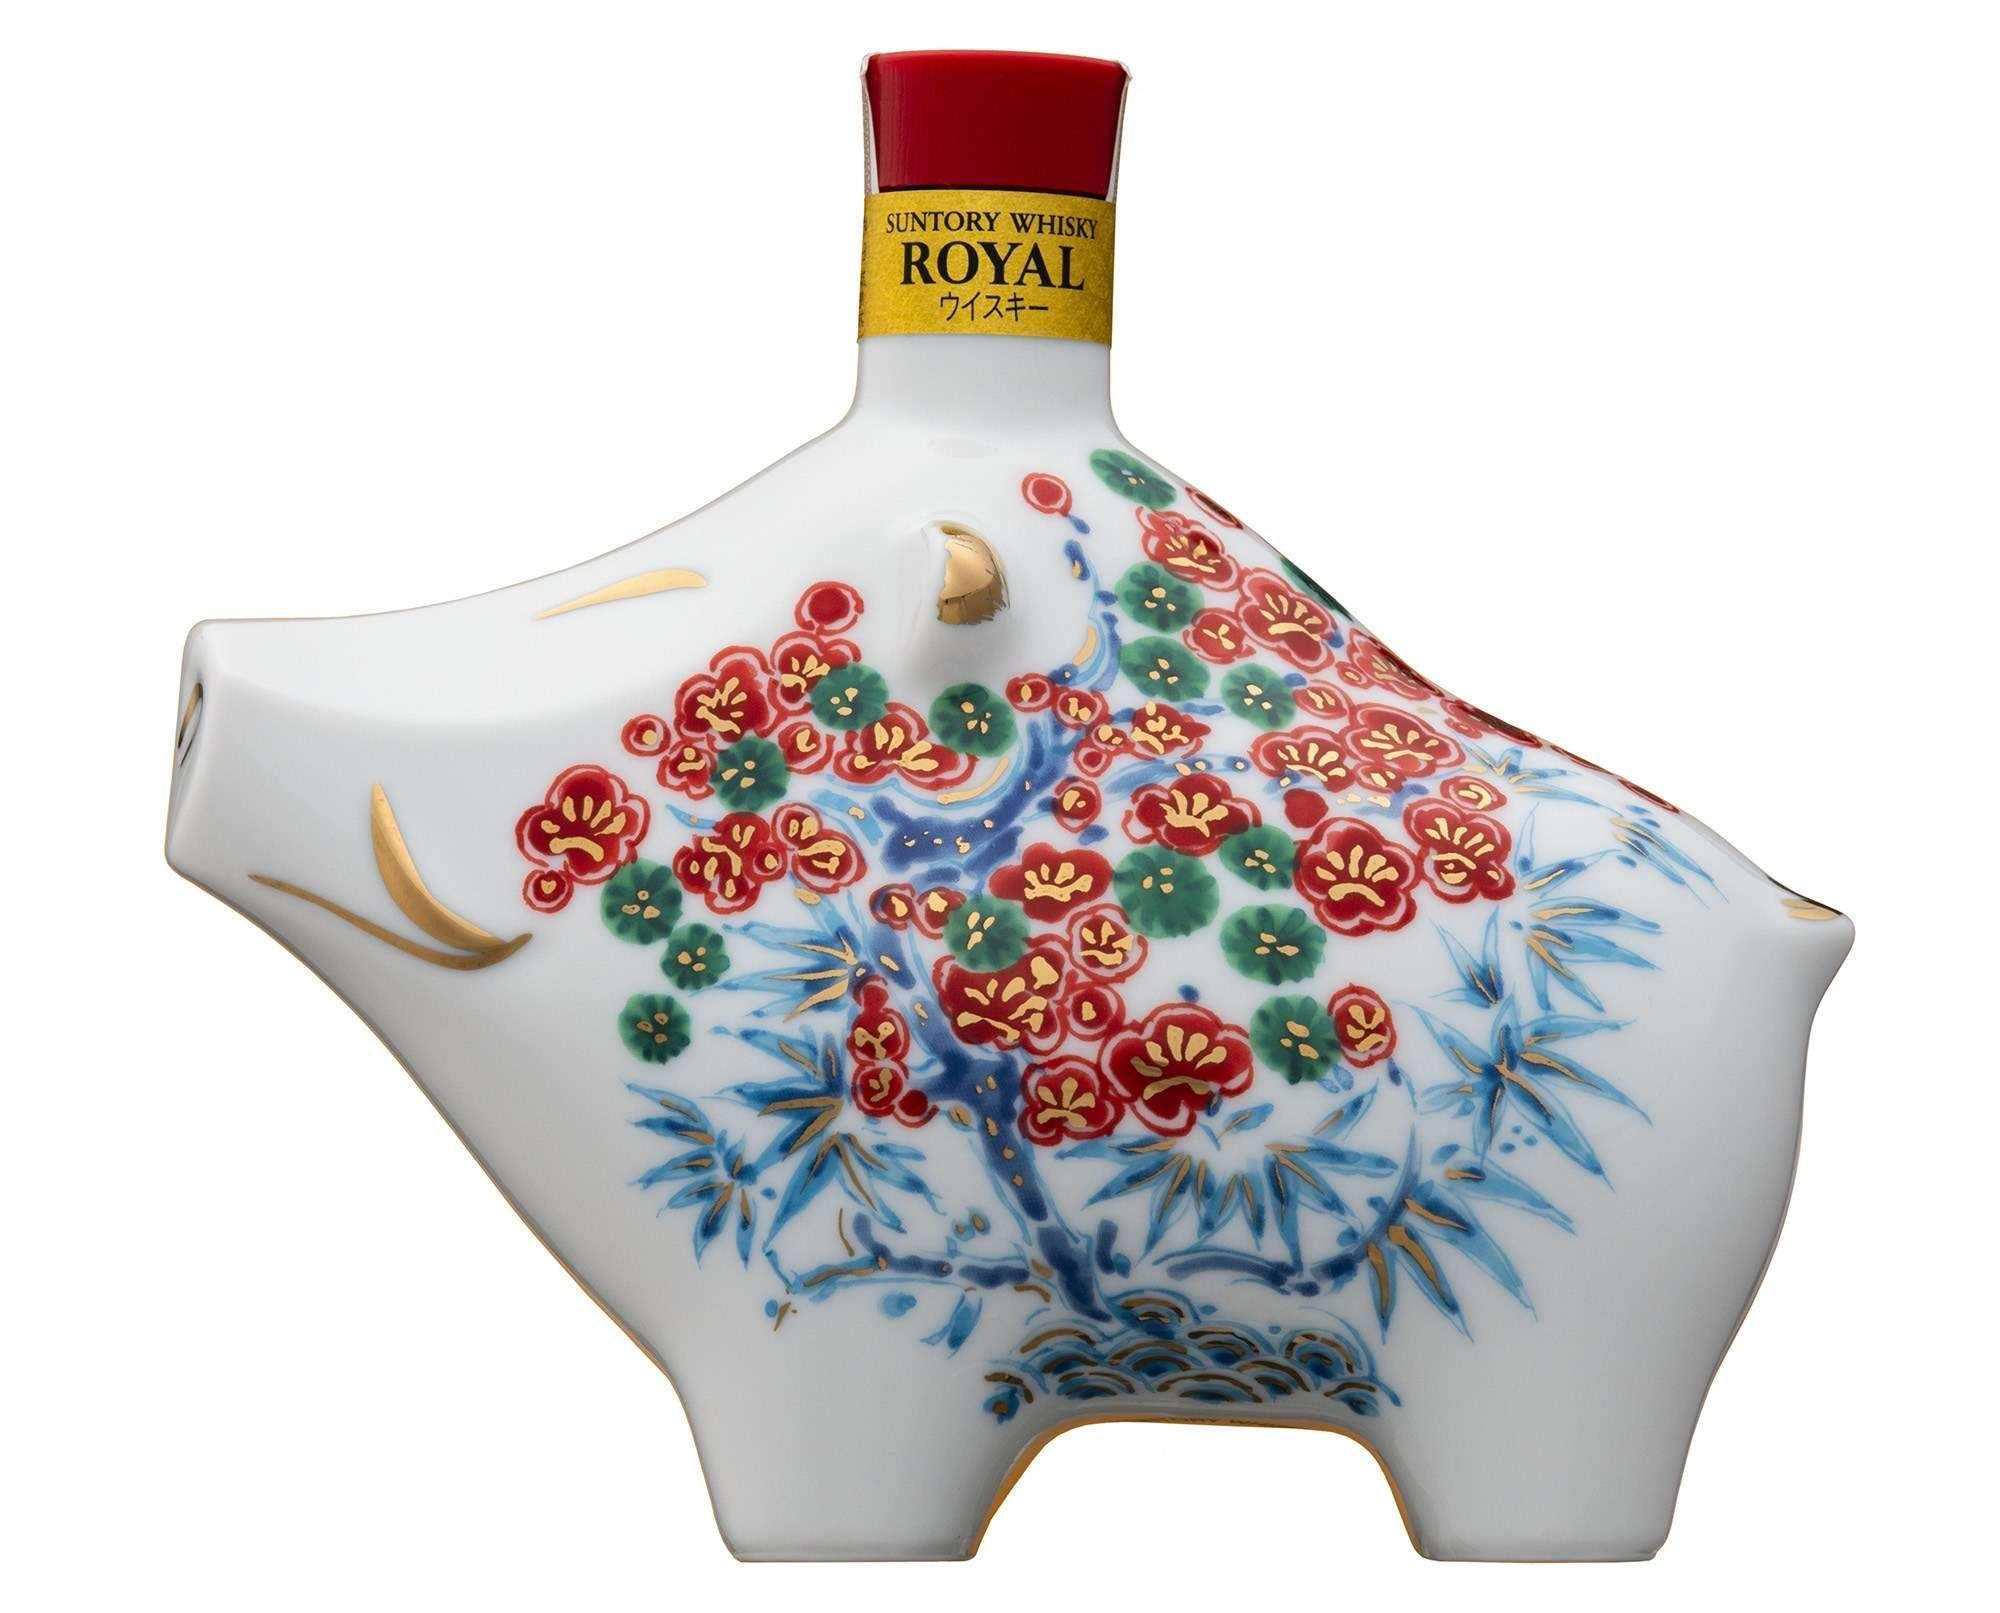 Rượu con heo Suntory Whisky Royal Nhật Bản